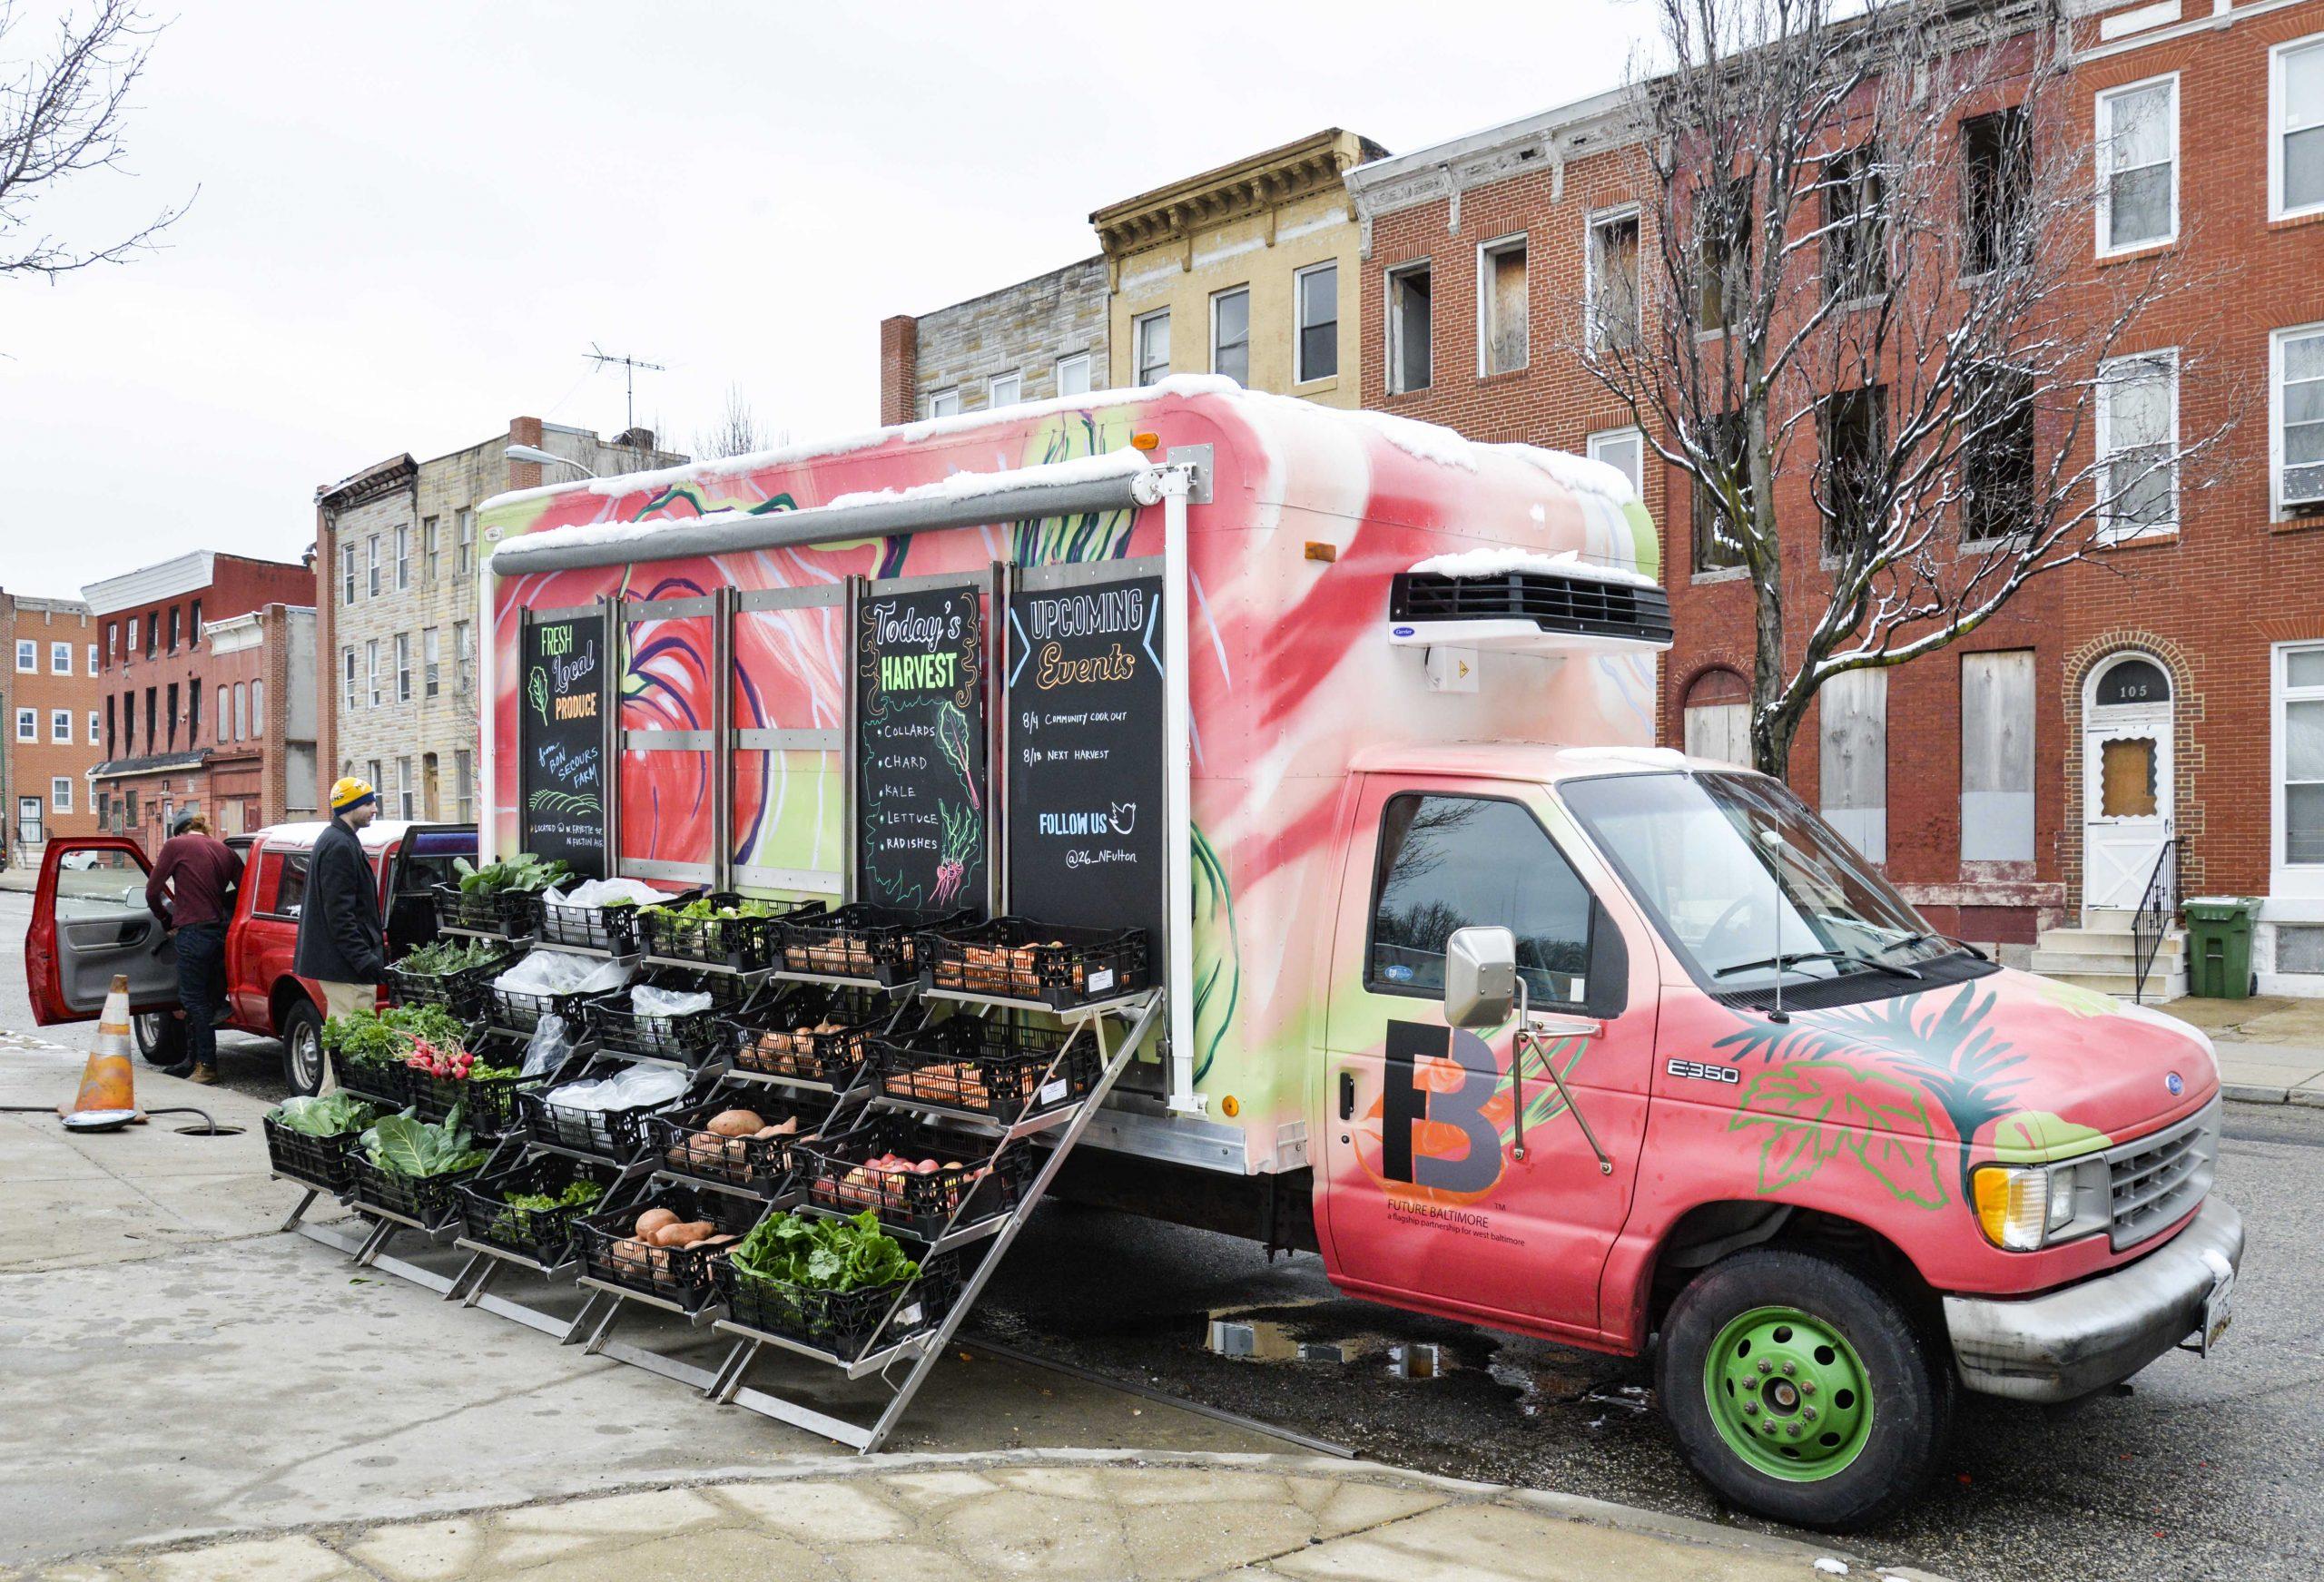 Bon Secours Urban Farm / Food Access